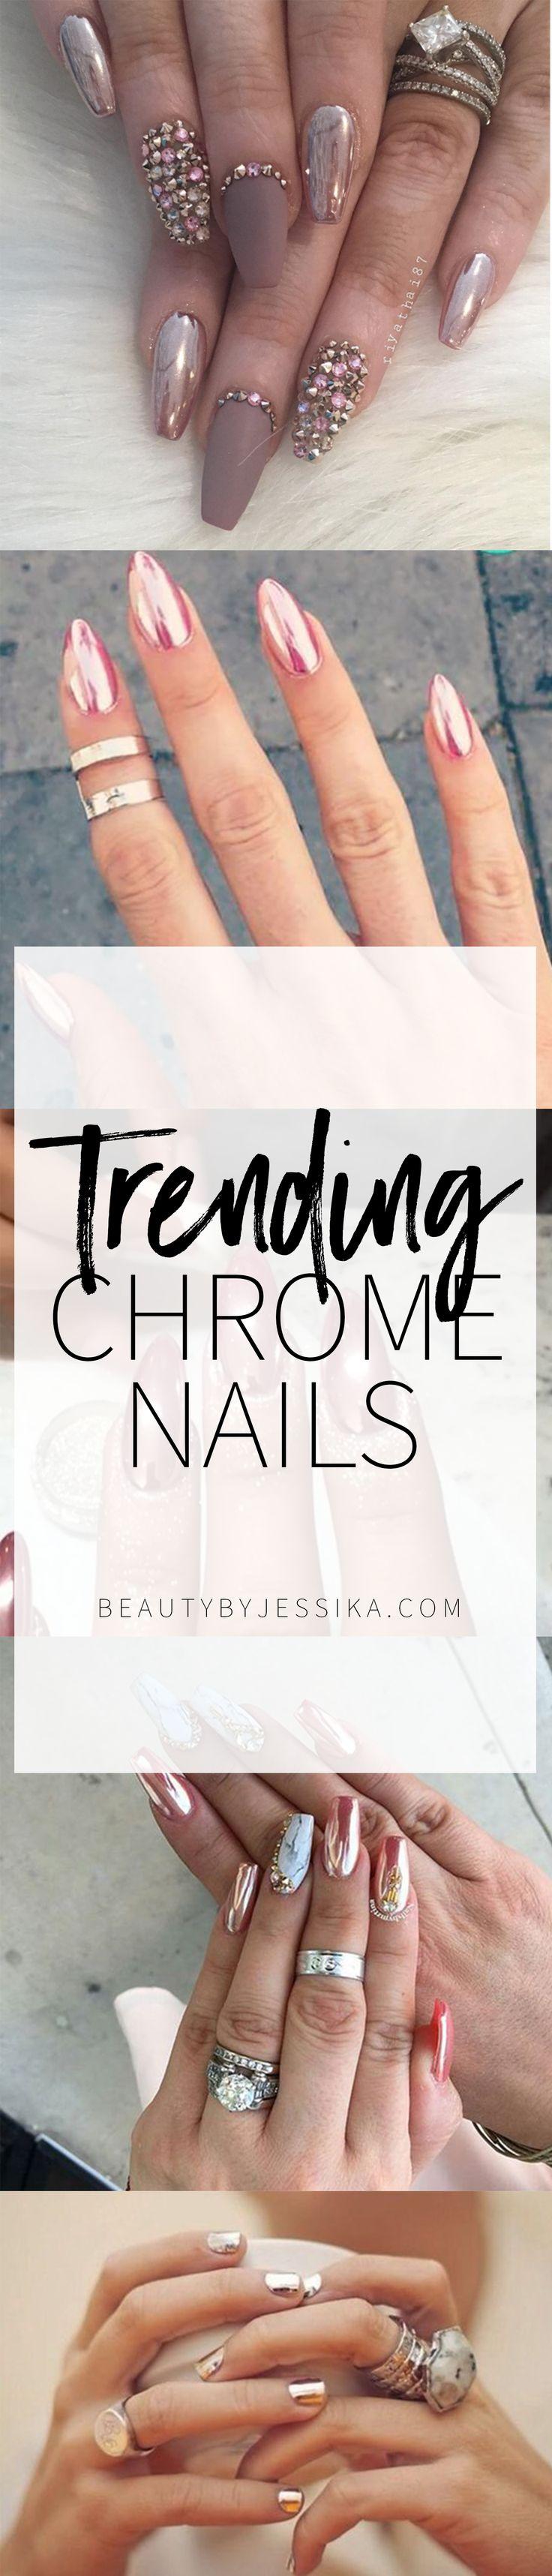 Trending / Chrome Nails